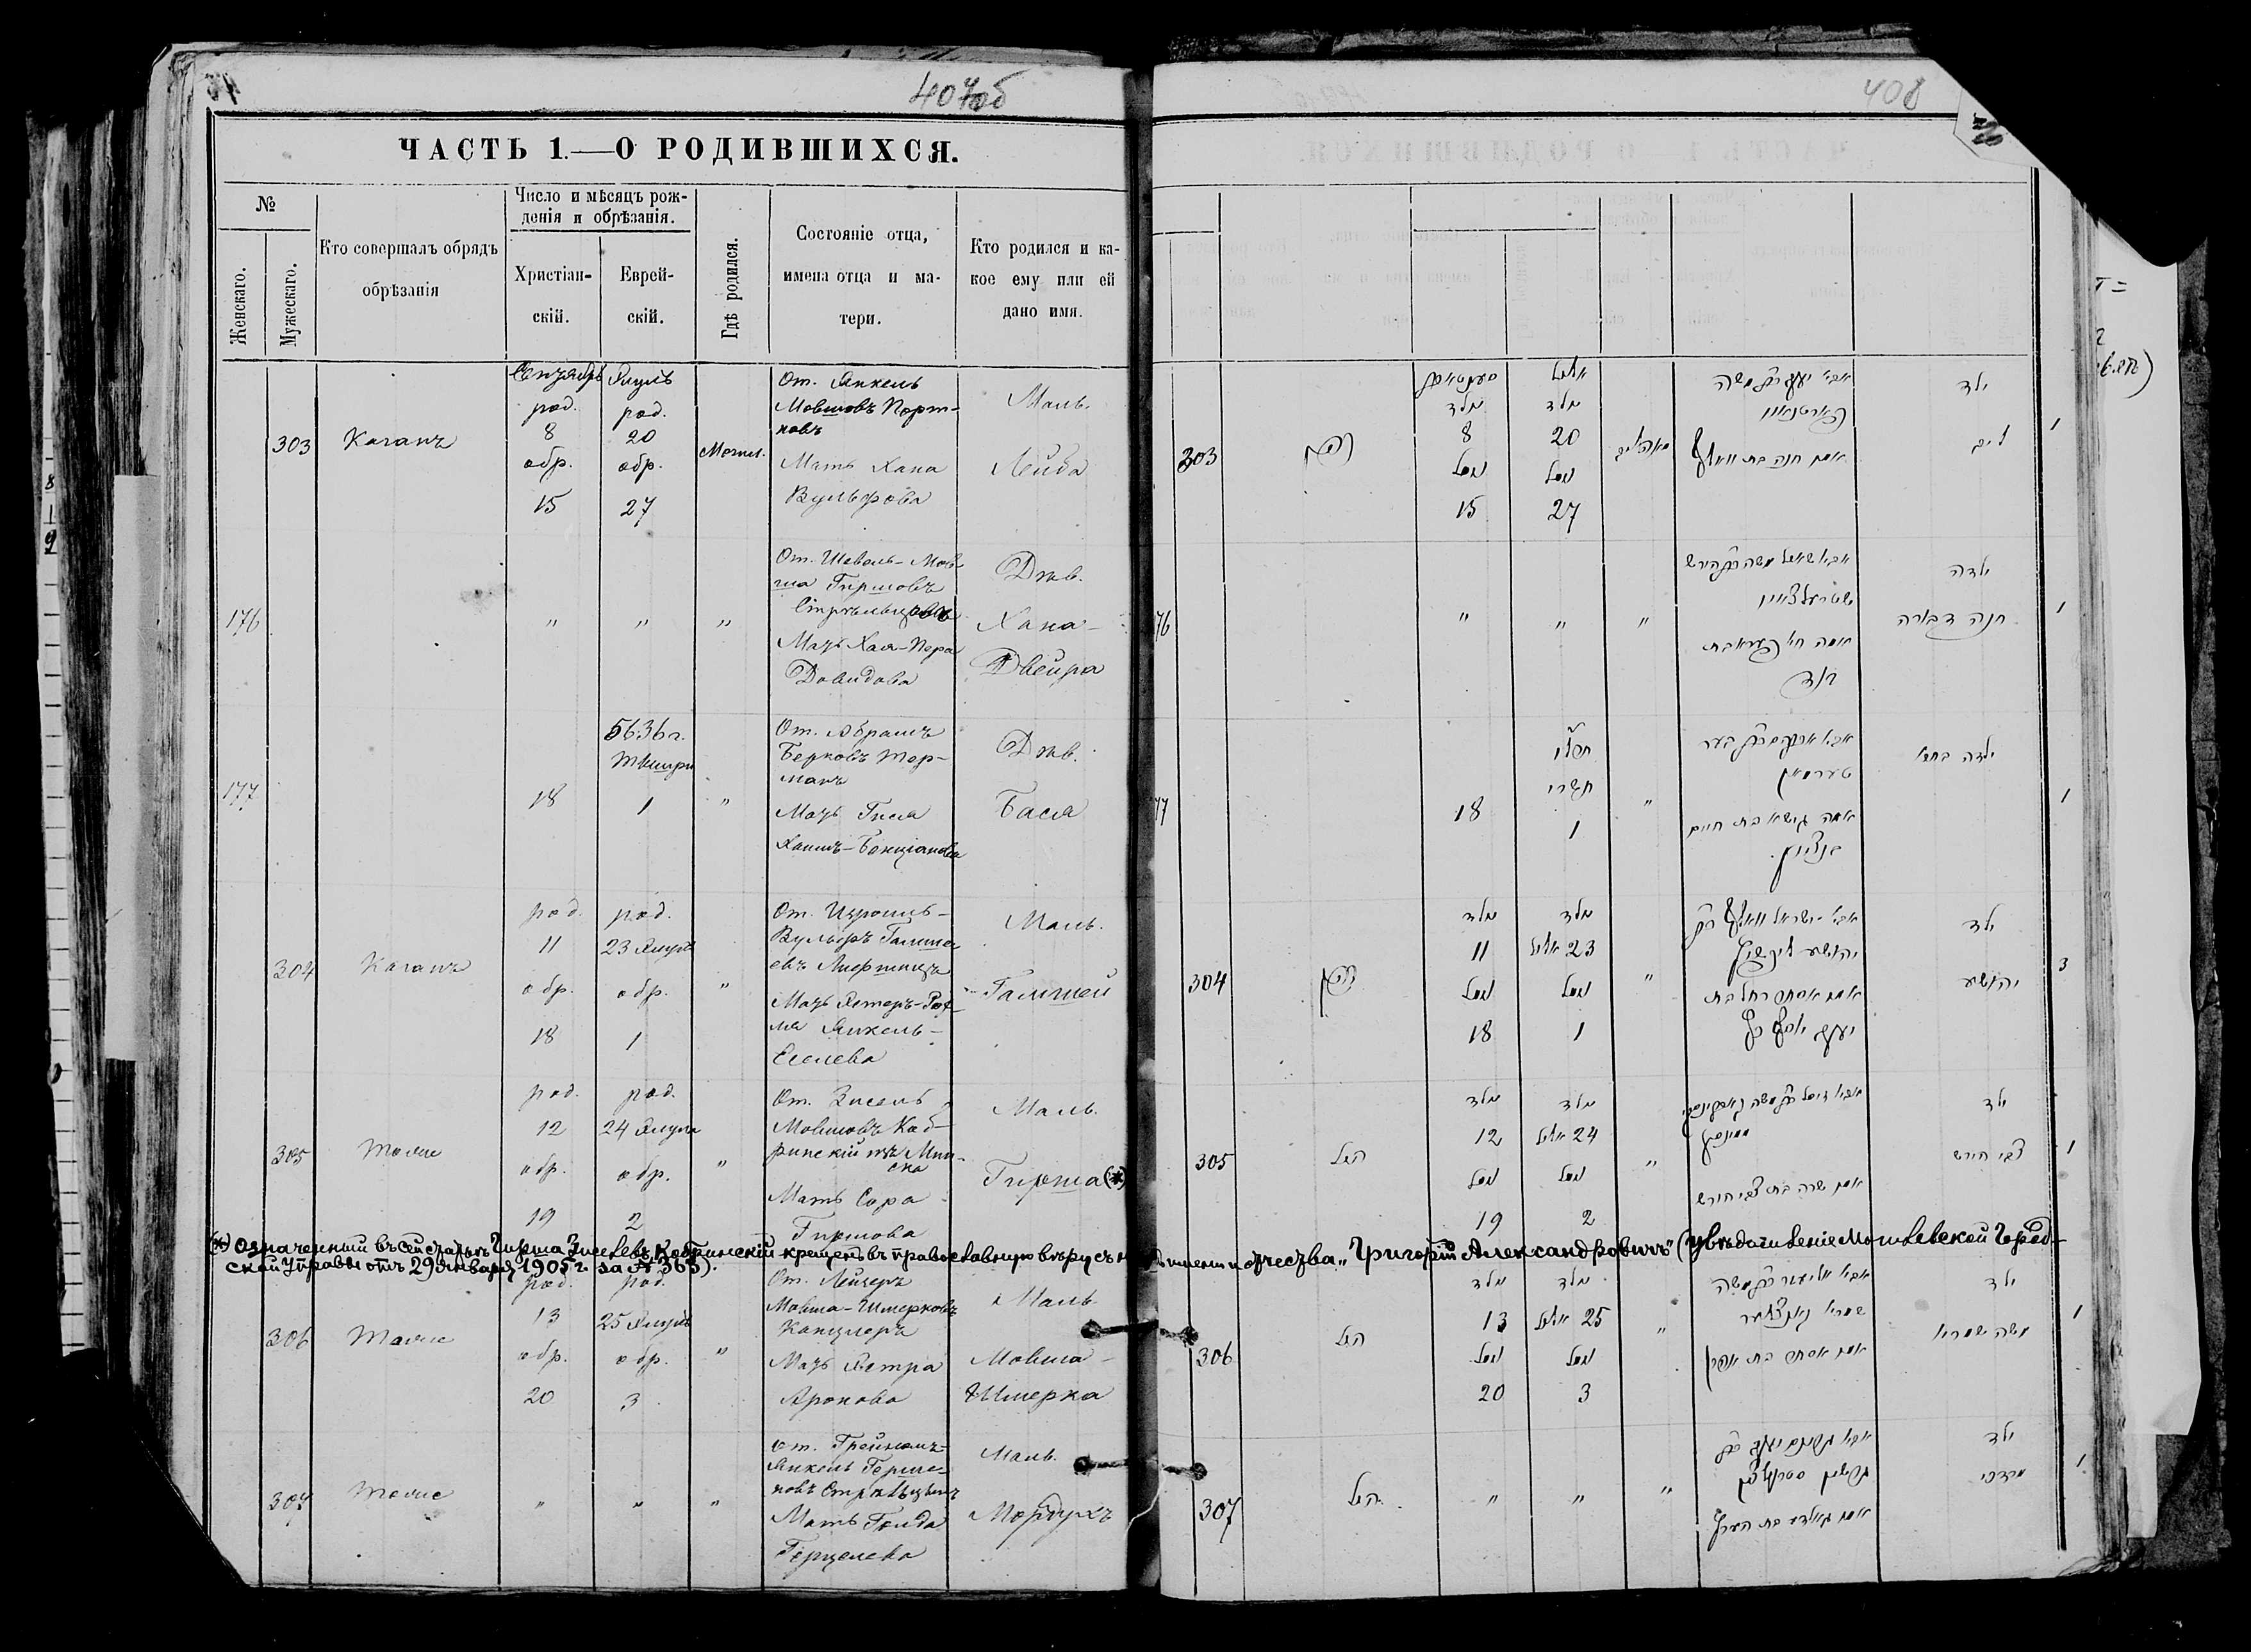 Мордух Грейнам-Янкелевич Стрельцын 13 сентября 1875, запись 307, пленка 007766481, снимок 80